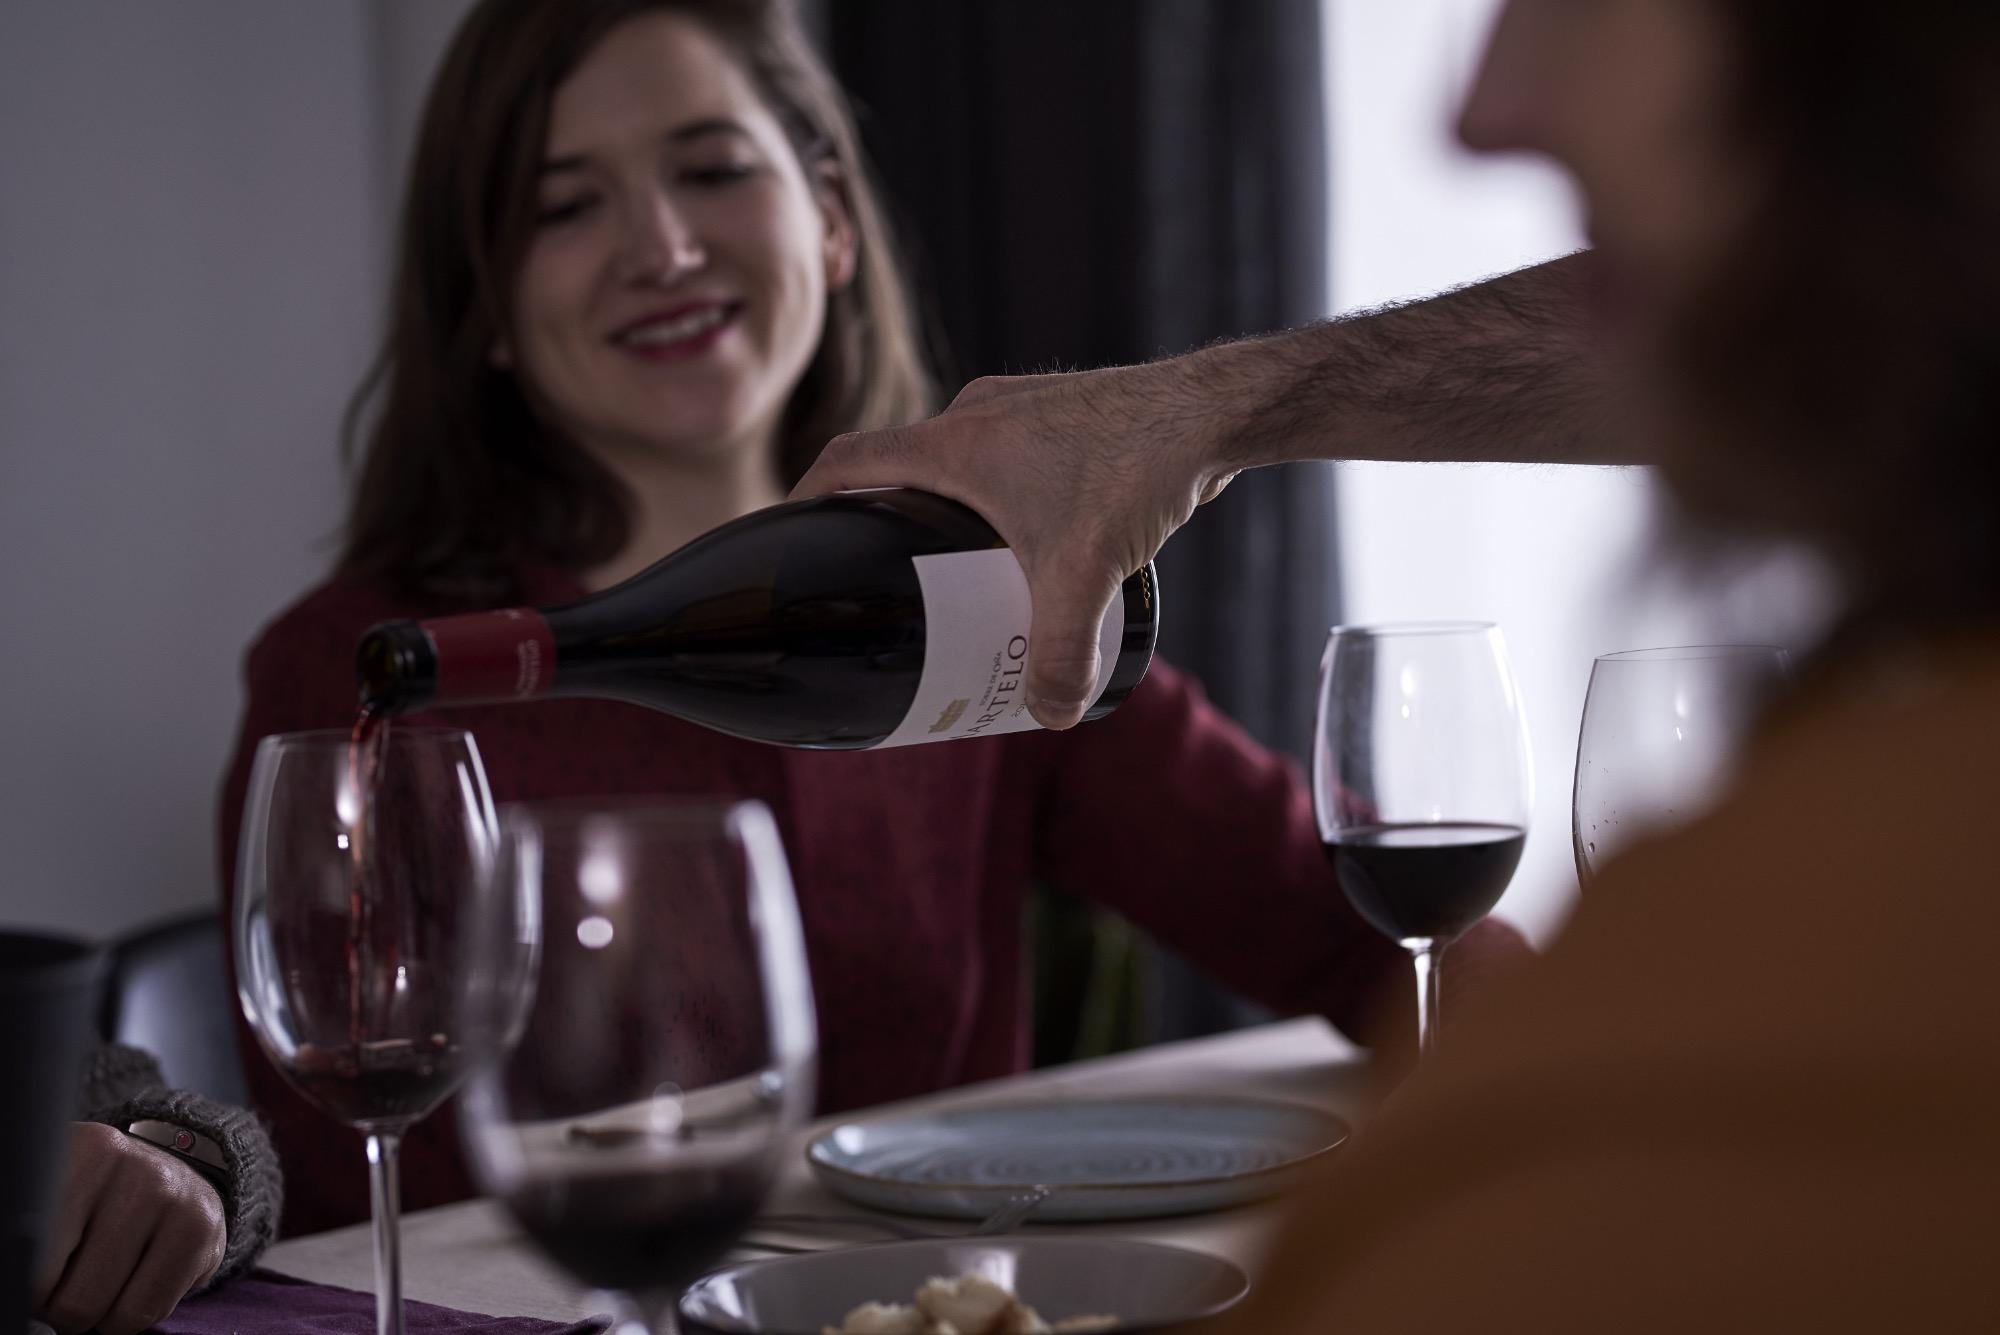 Siete ideas para hacer más especial tu cena con amigos